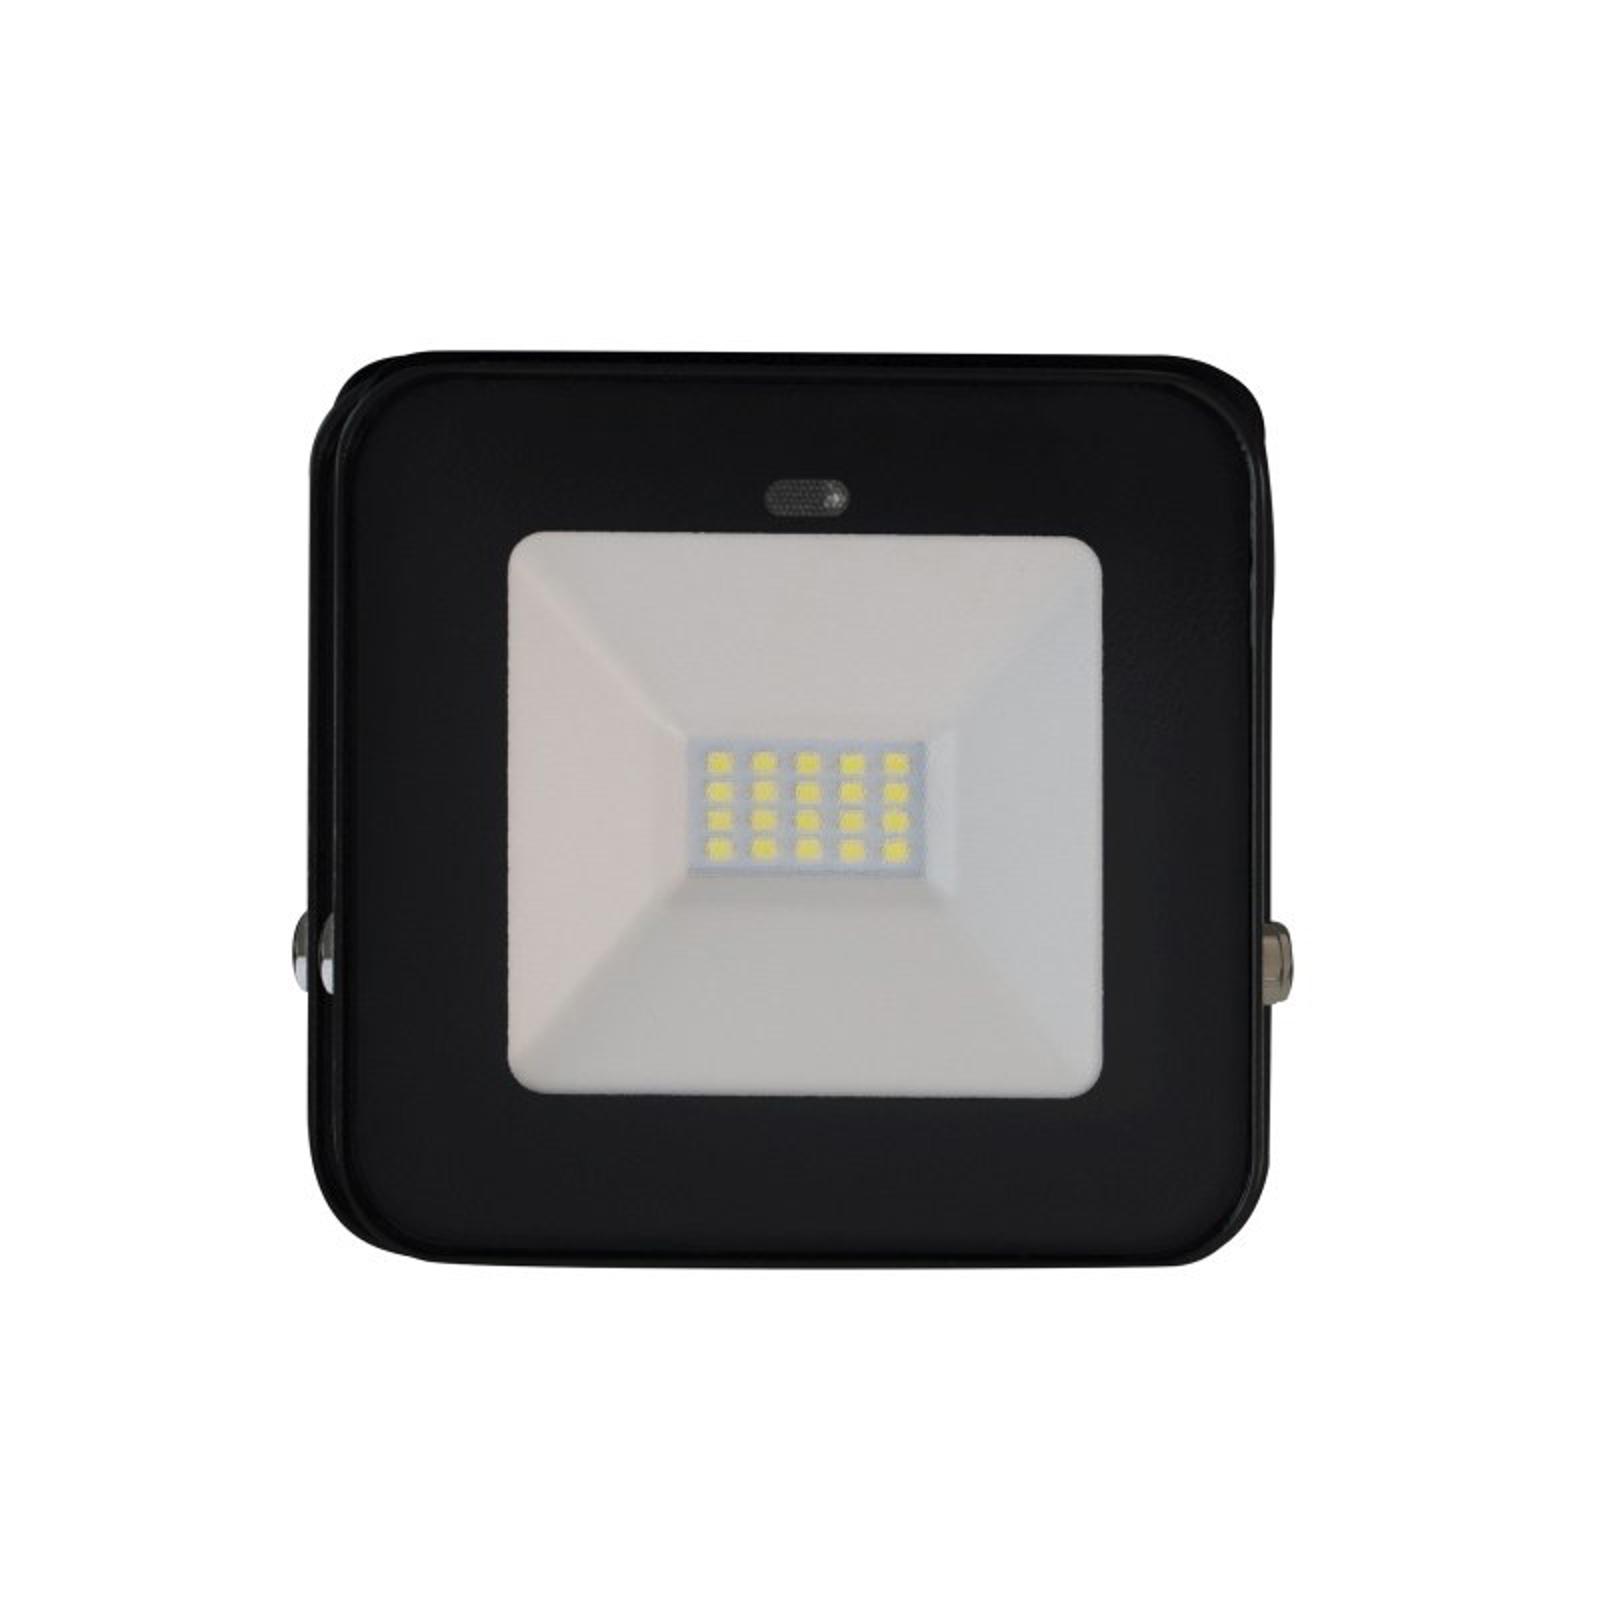 Projecteur d'extérieur LED John détecteur, 10W